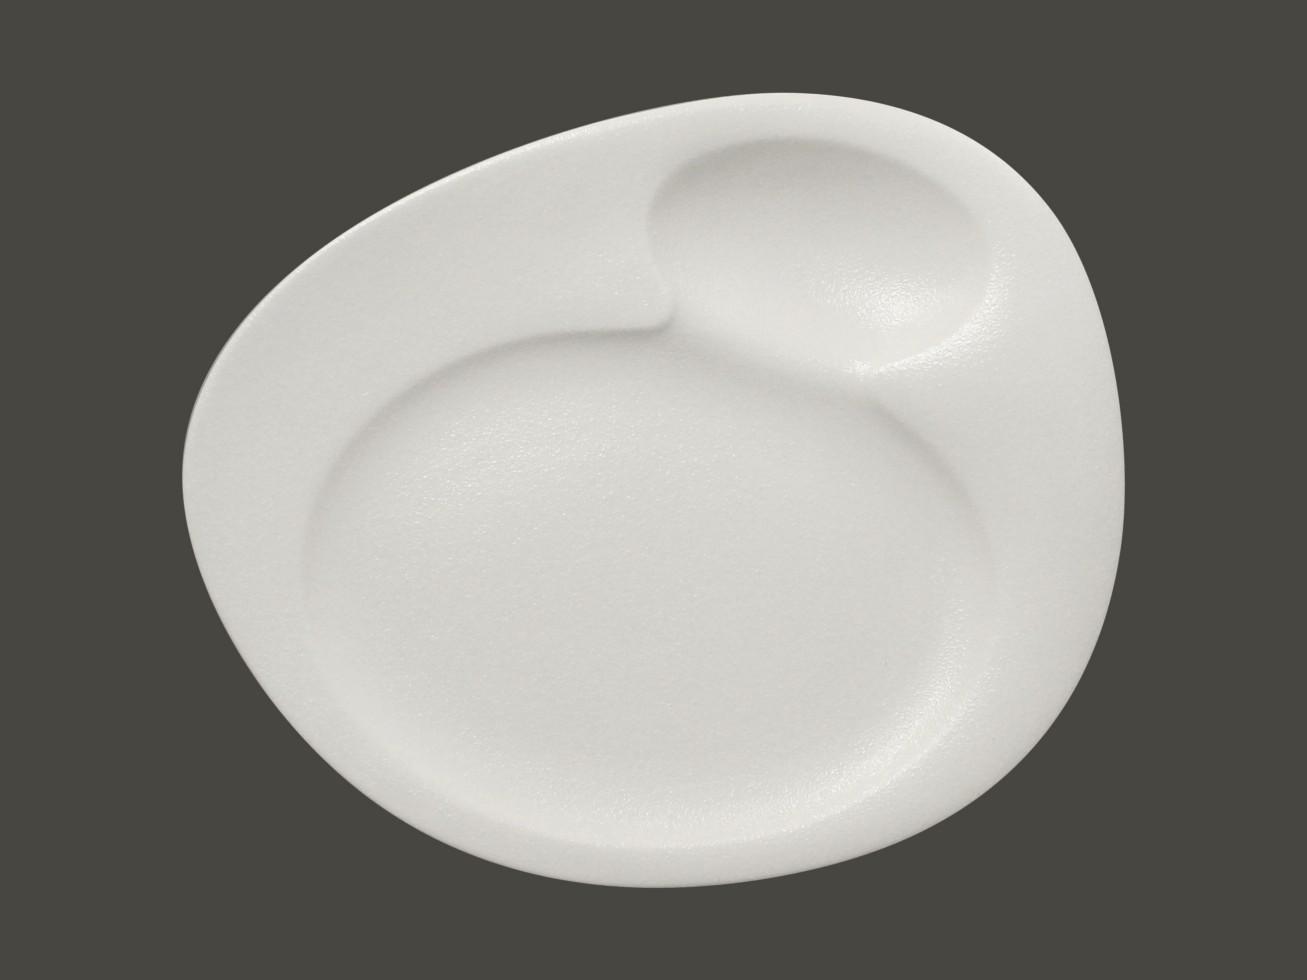 Dinner talíř - 2 basins - bílá Neofusion